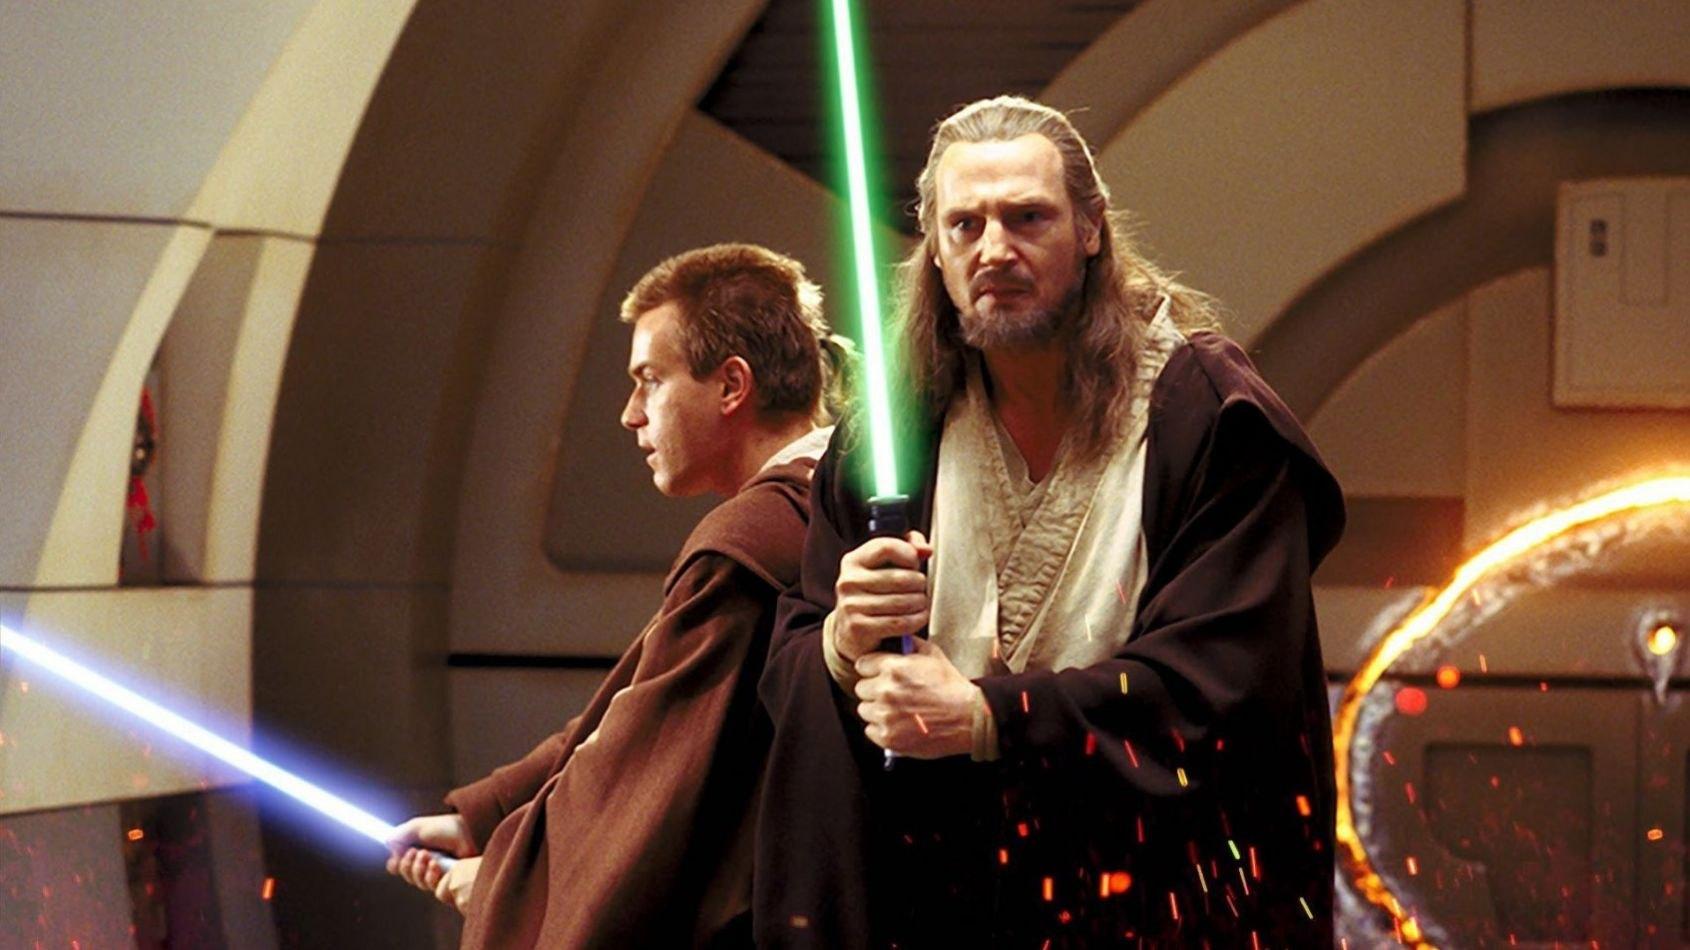 Un nouveau roman consacré à Qui-Gon Jinn et Obi-Wan Kenobi annoncé